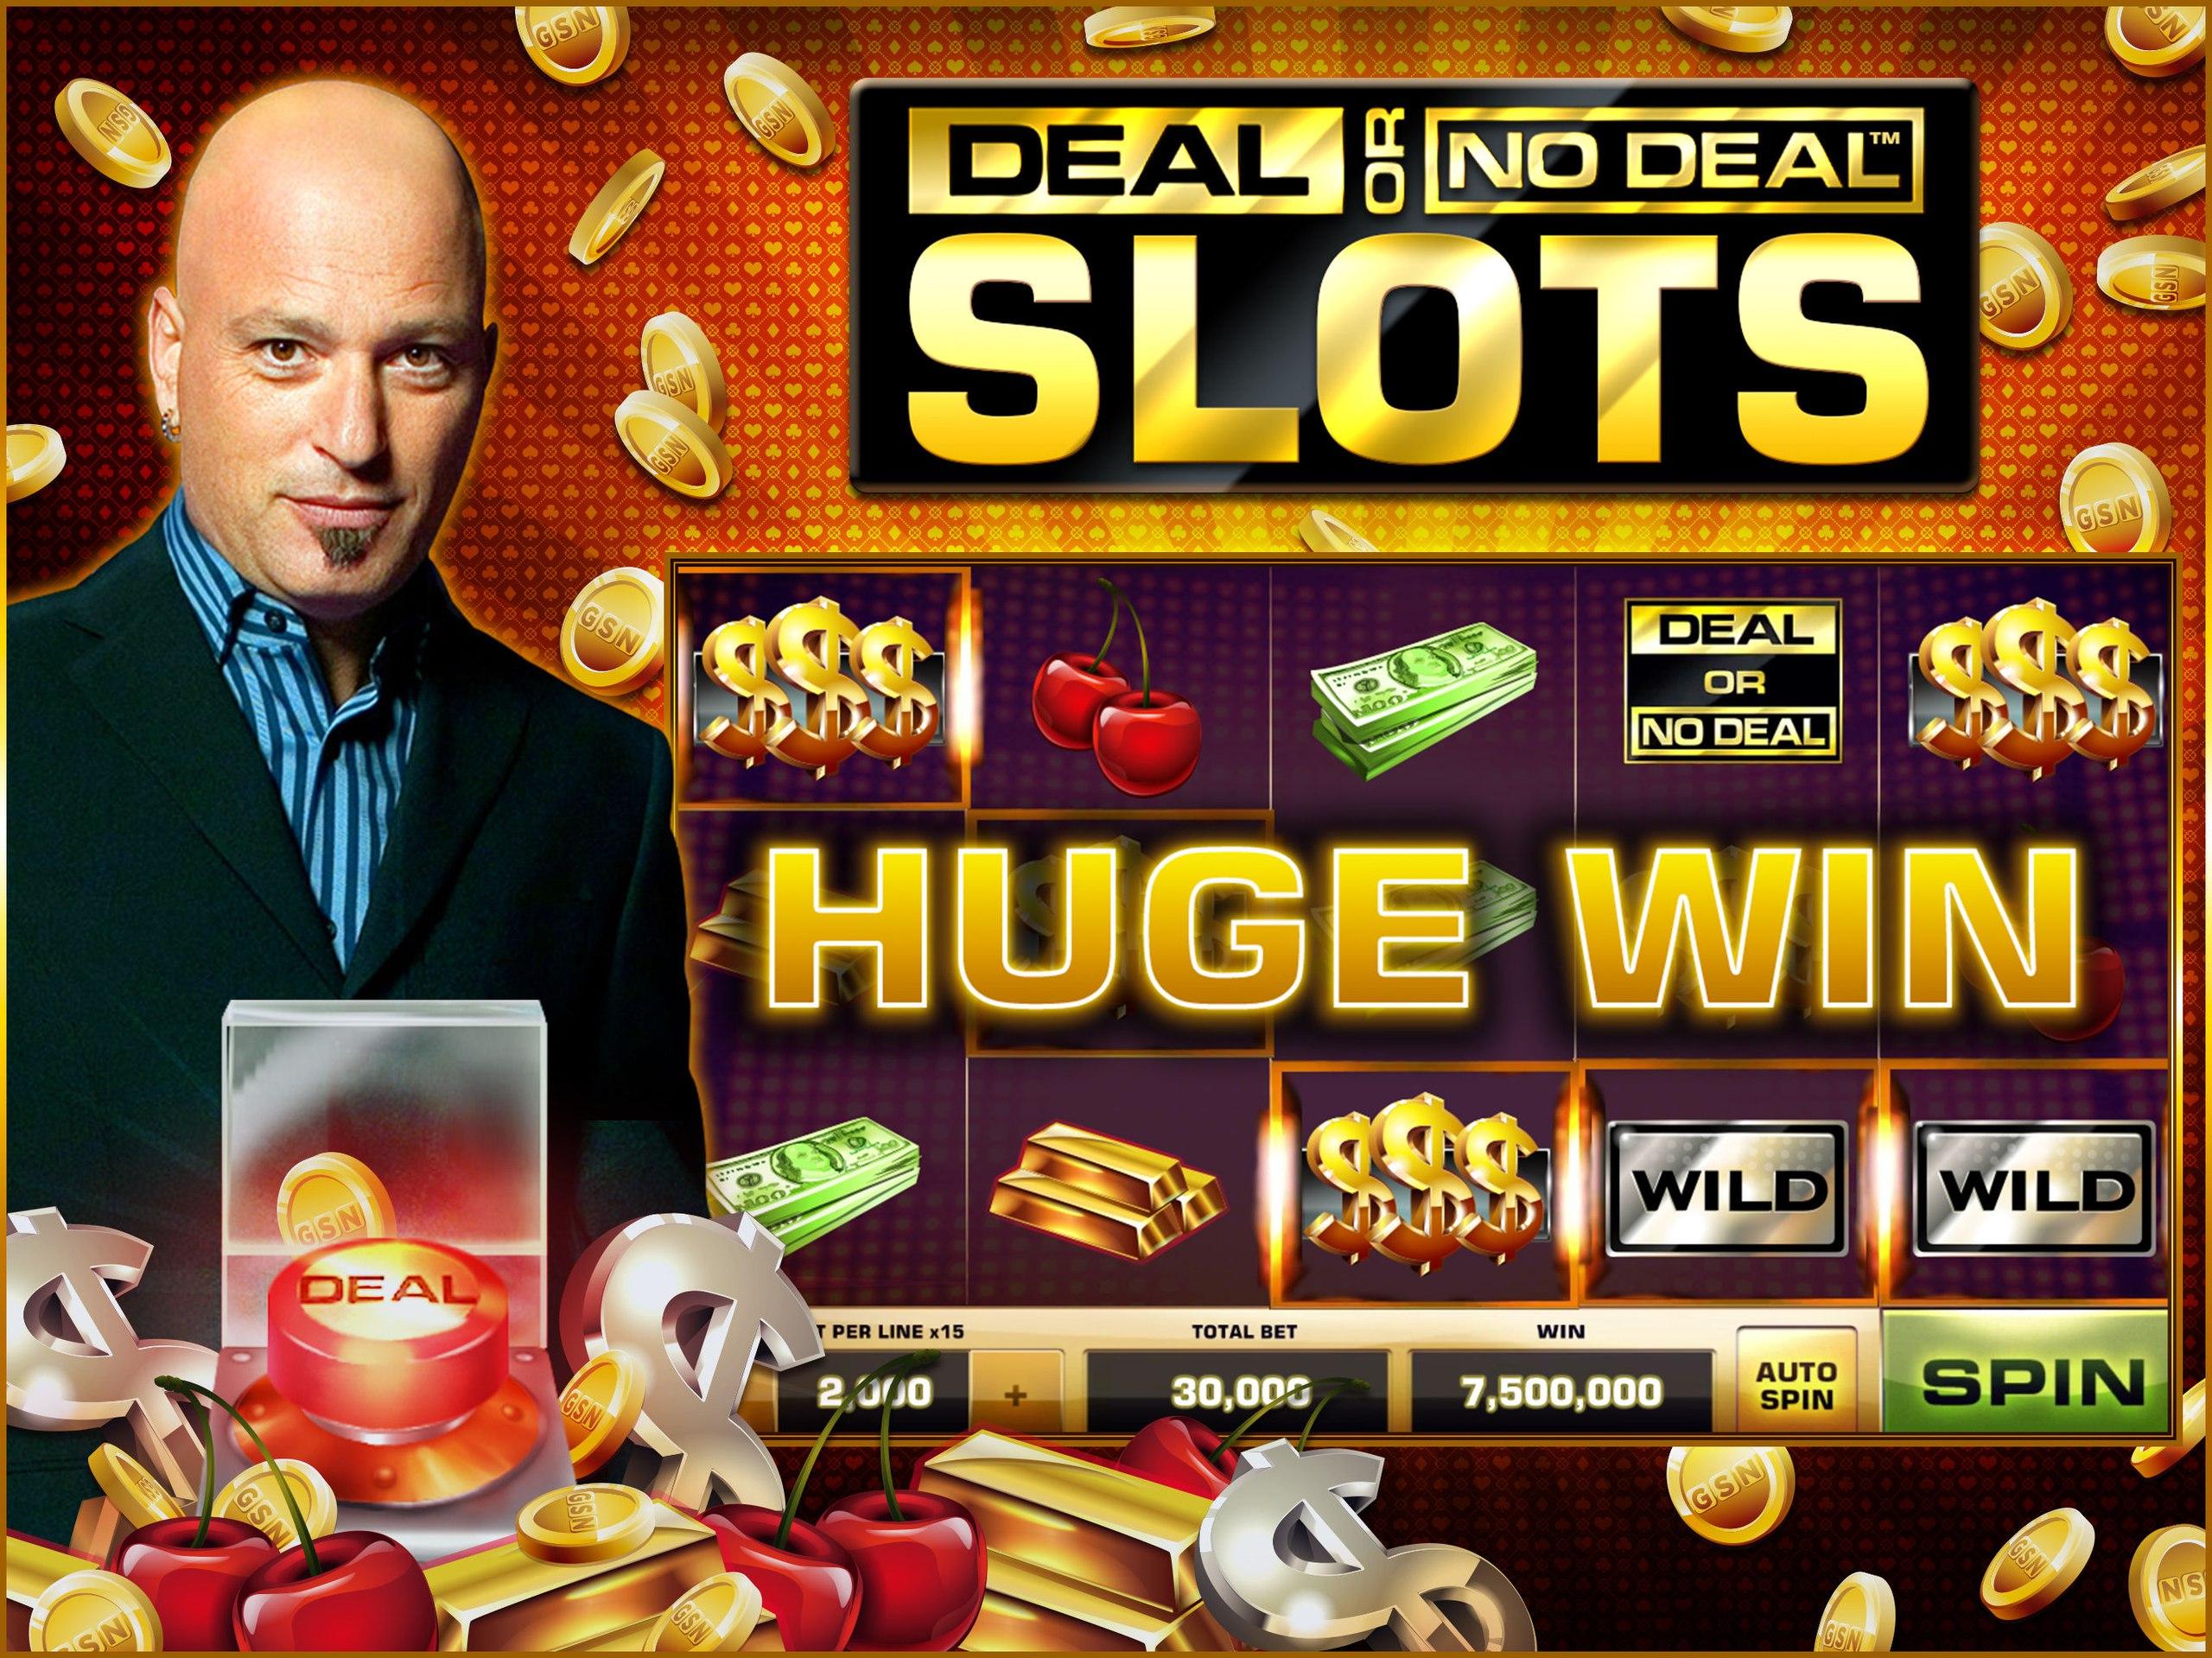 Обзор игры Сделка или Нет ( Deal or No Deal Slots ) для слота